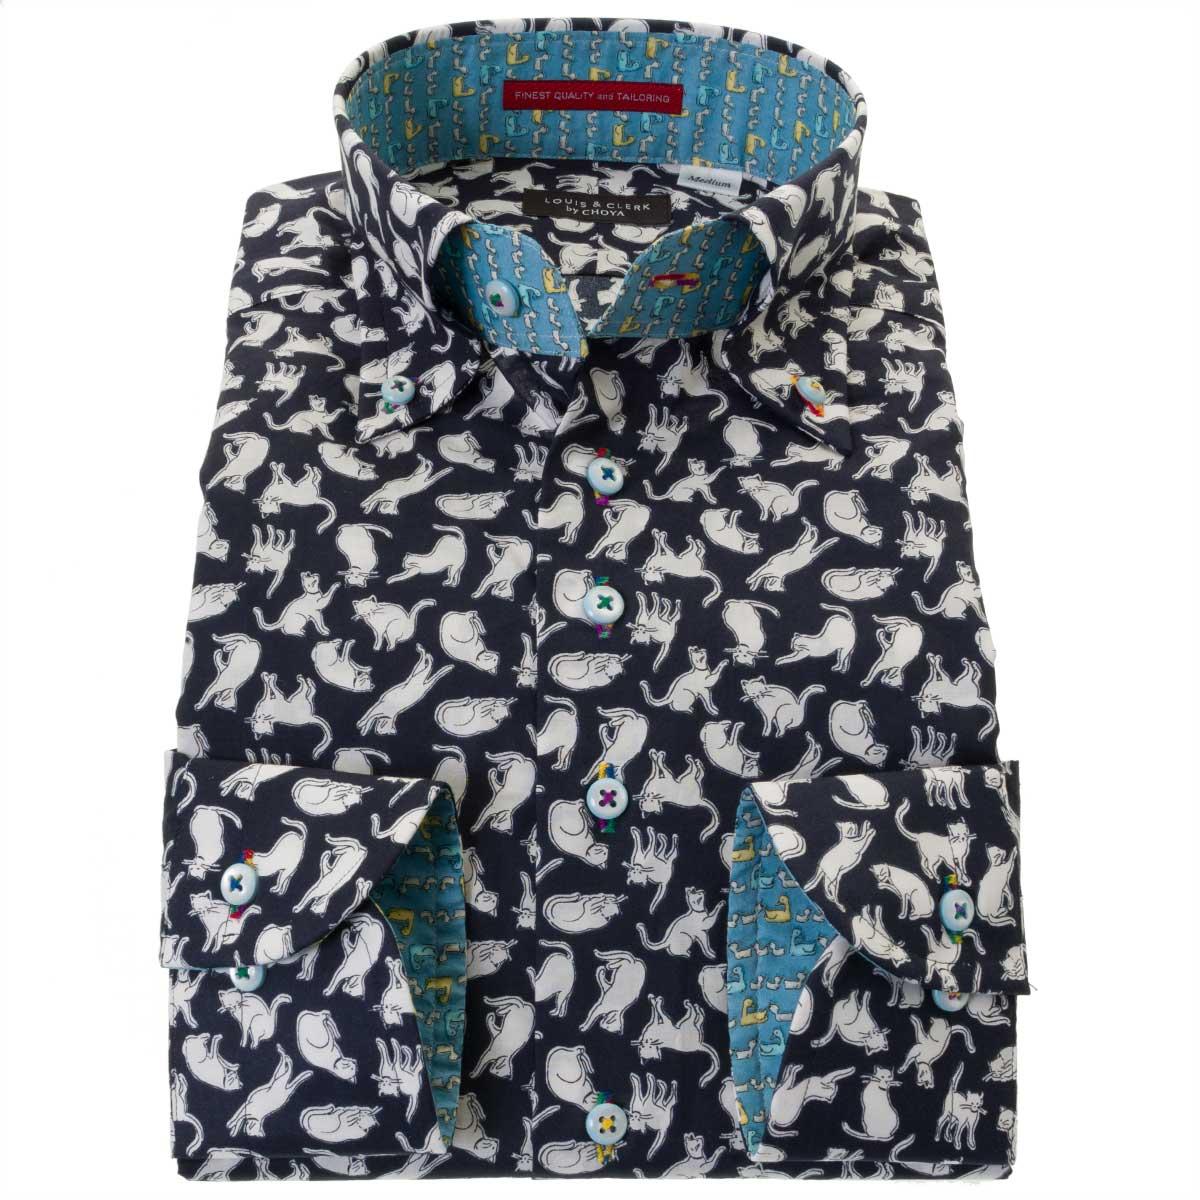 国産長袖ドレスシャツ 綿100% コンフォート ボタンダウンカラー 着丈短め ポプリン プリント 猫 キャット メンズ